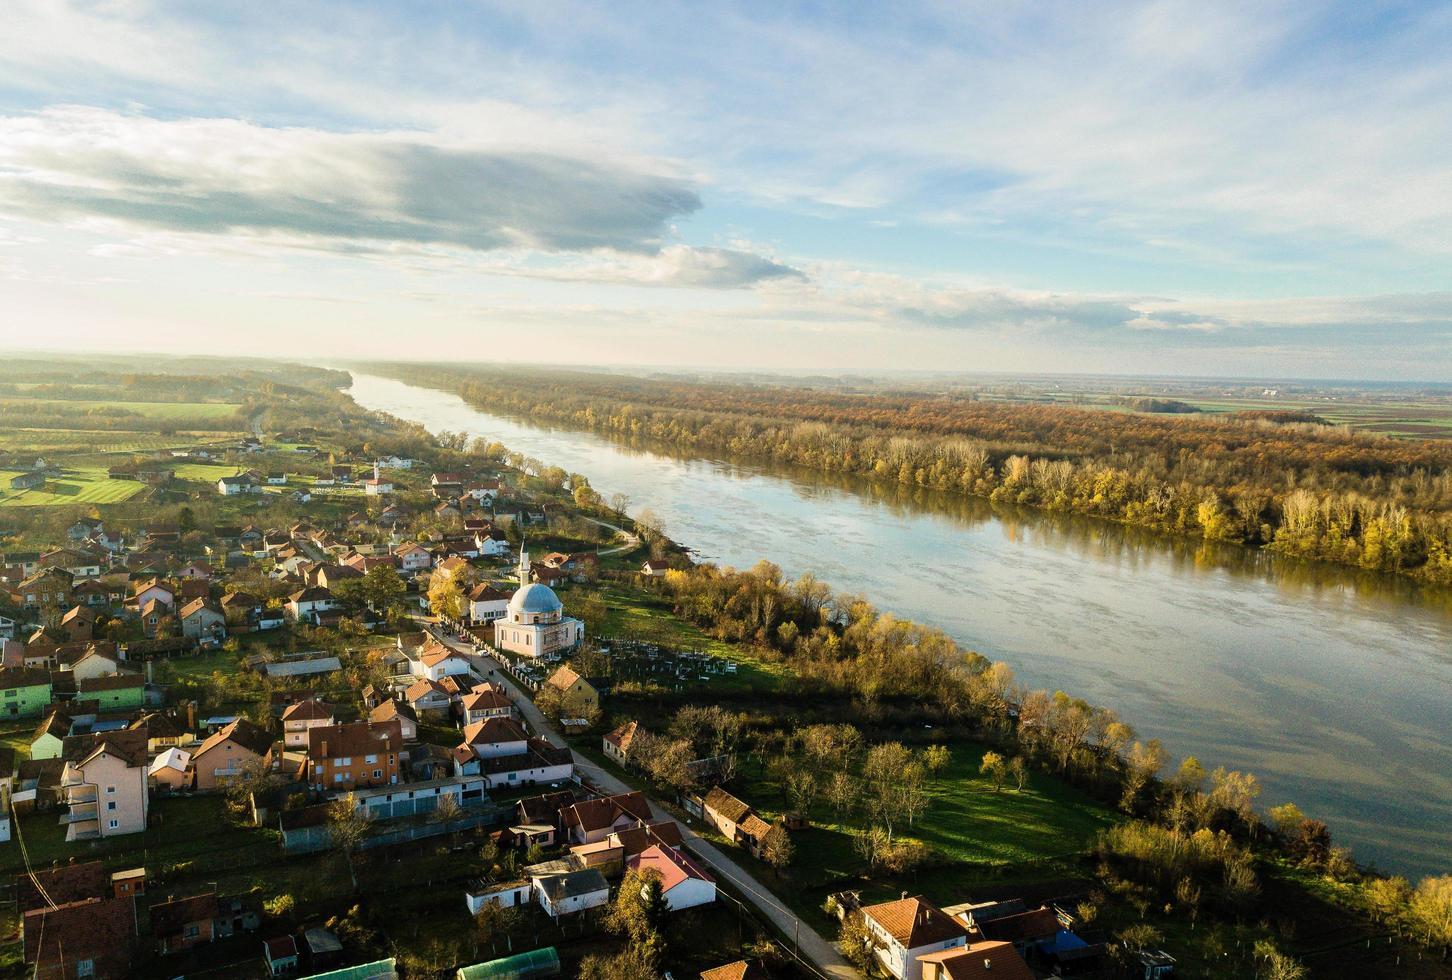 Flygfoto över staden och floden foto